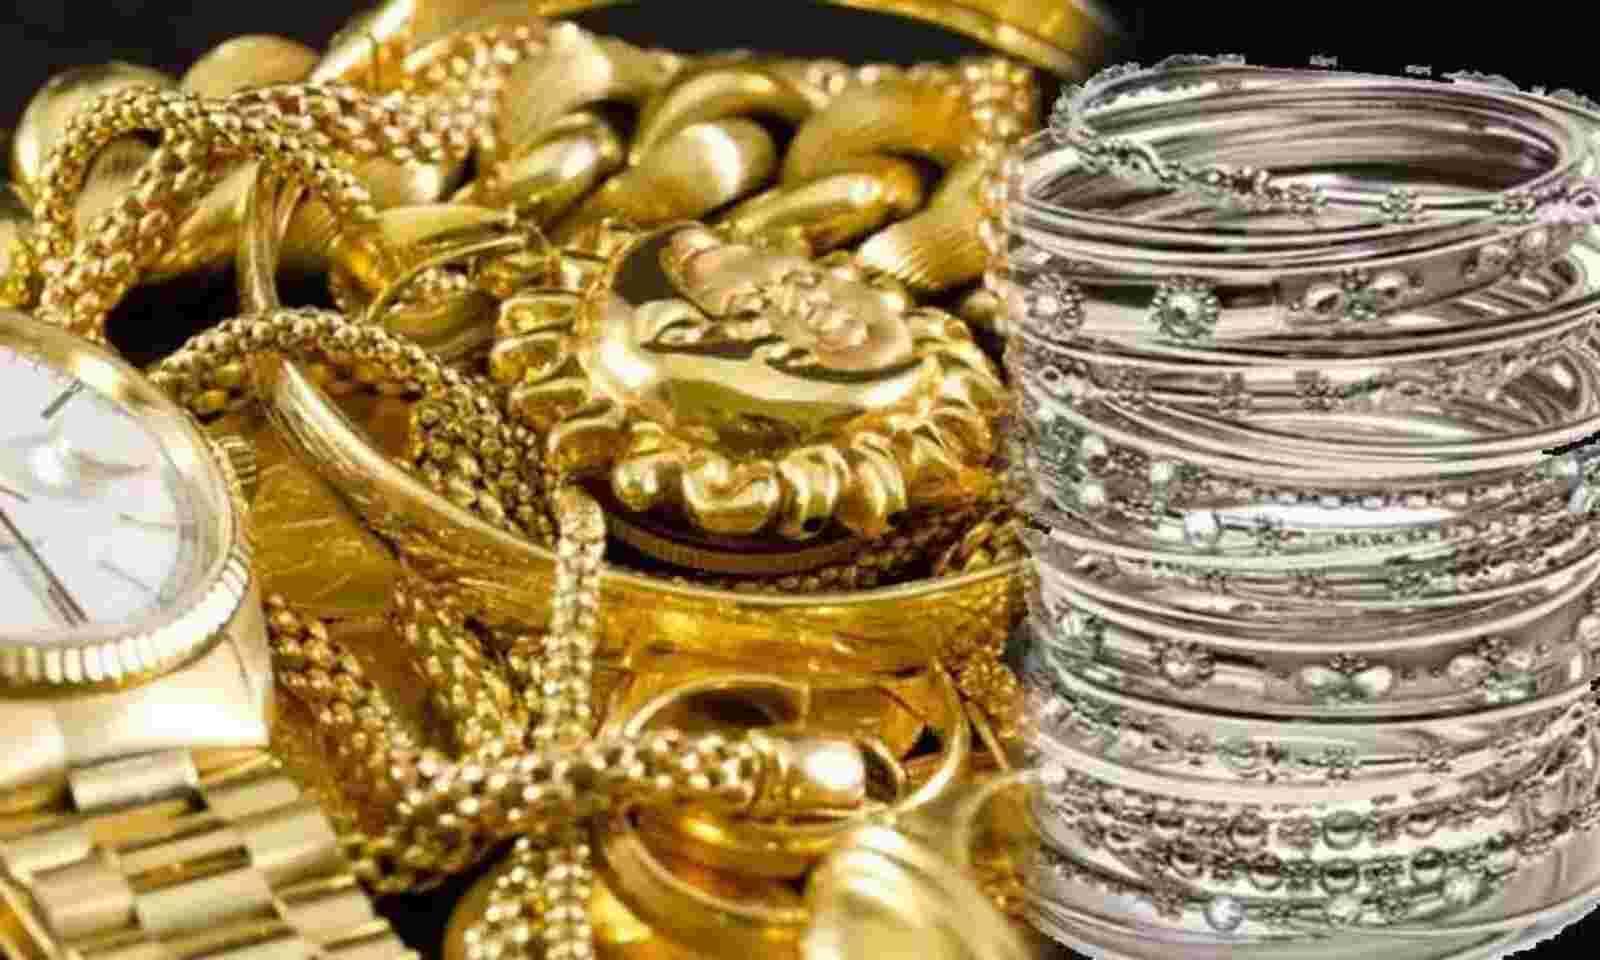 Gold, silver price declined in Hyderabad, Vijayawada, Delhi on November 21